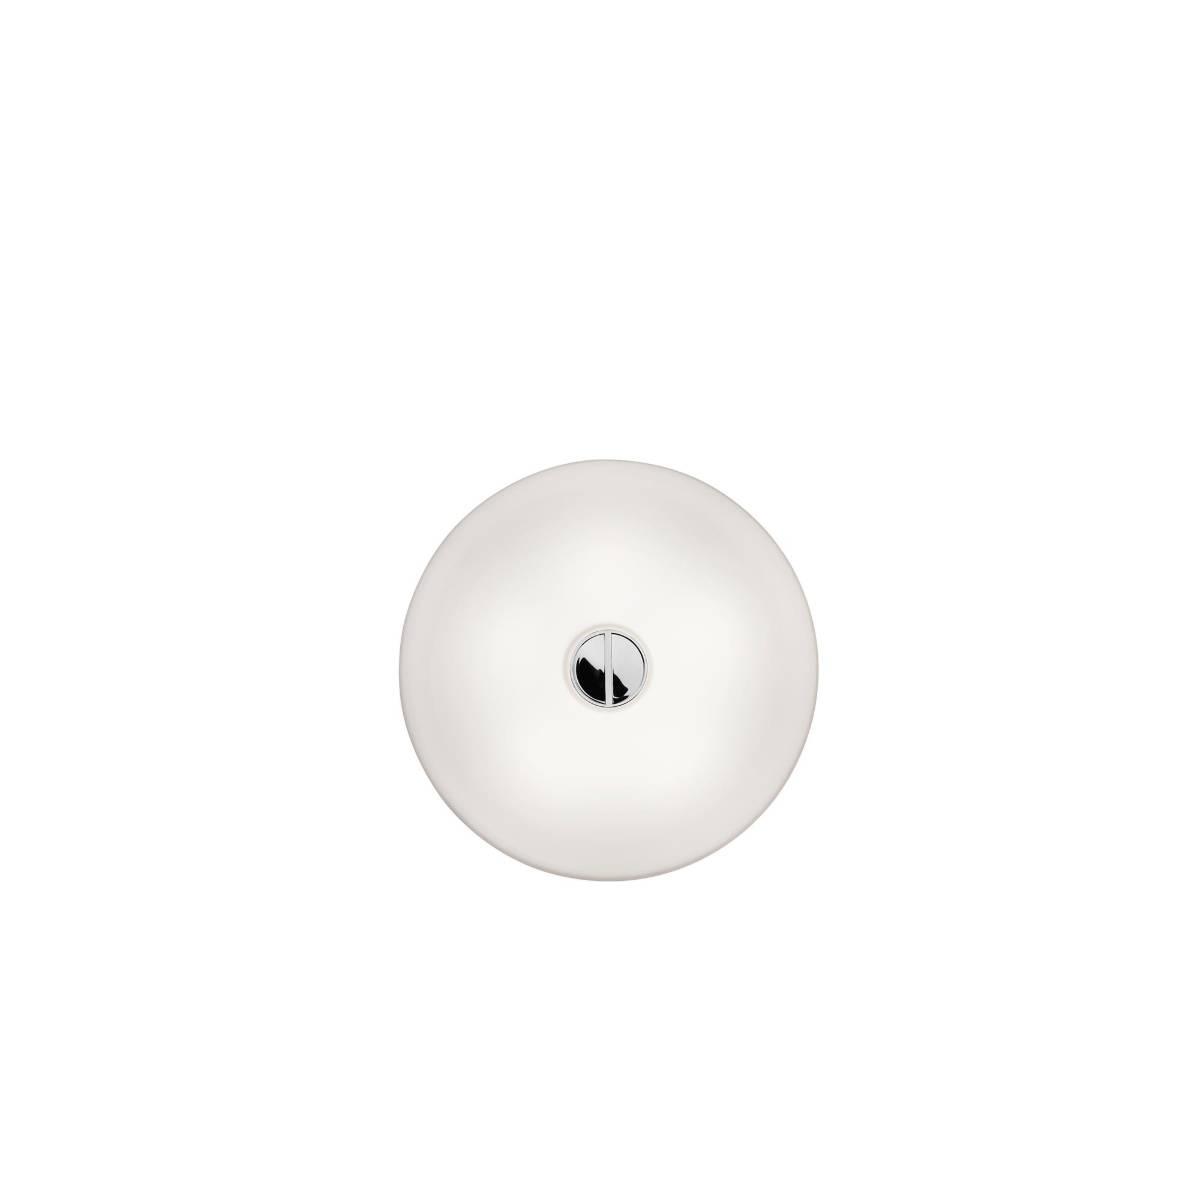 Flos Button HL Wandlamp-Plafondlamp